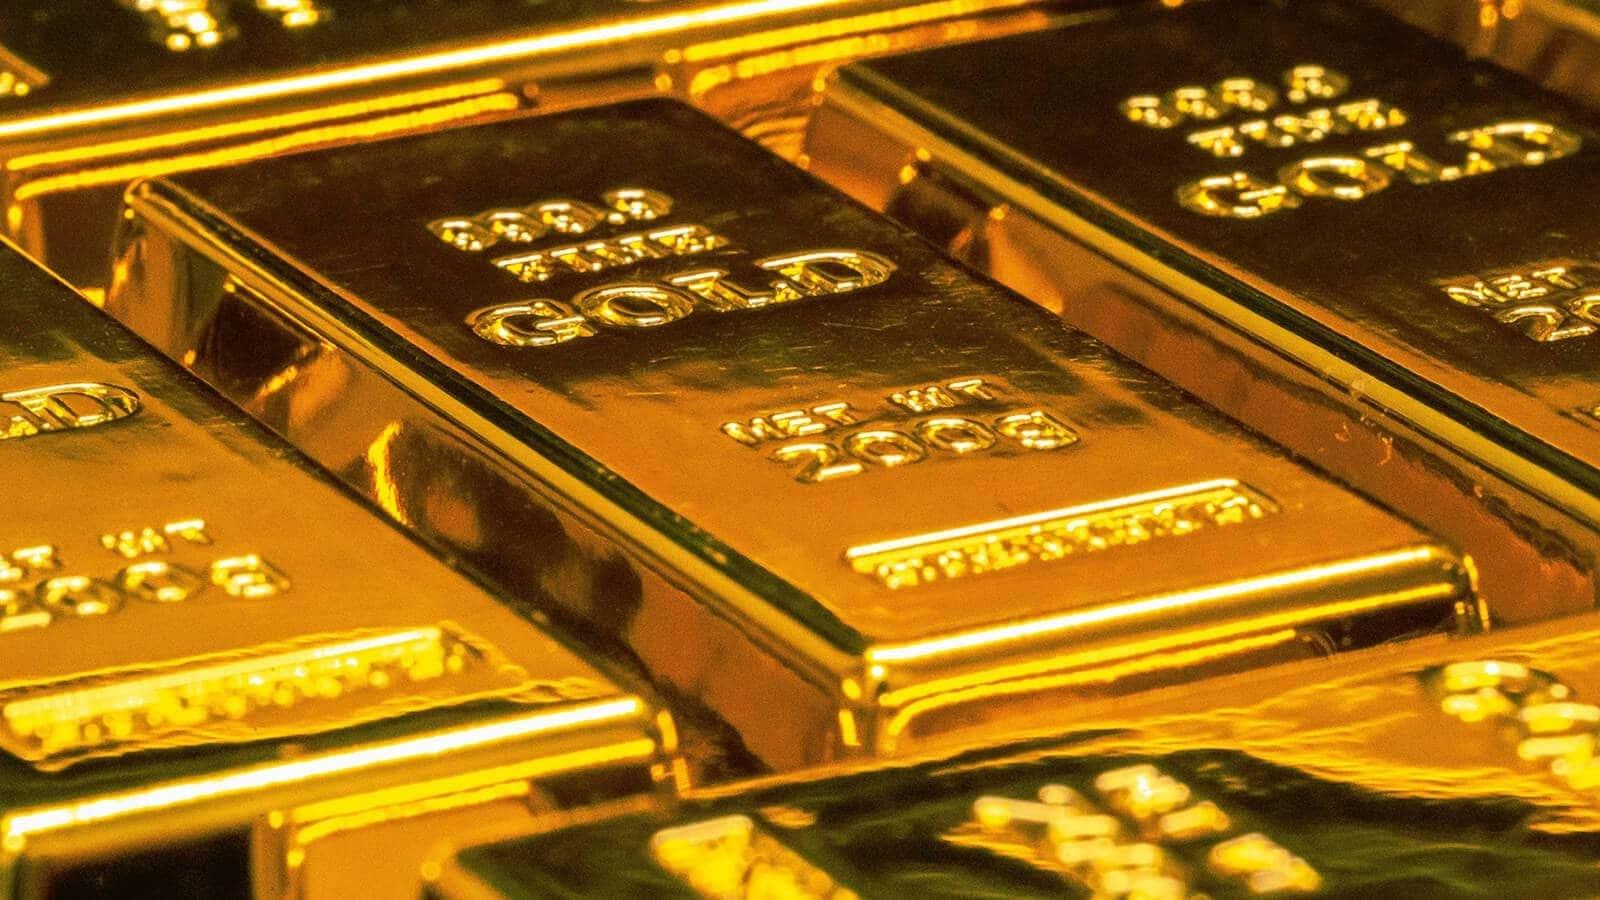 Giá vàng hôm nay 23/10: Tăng nhẹ, khó duy trì ngưỡng1.780 USD/ounce